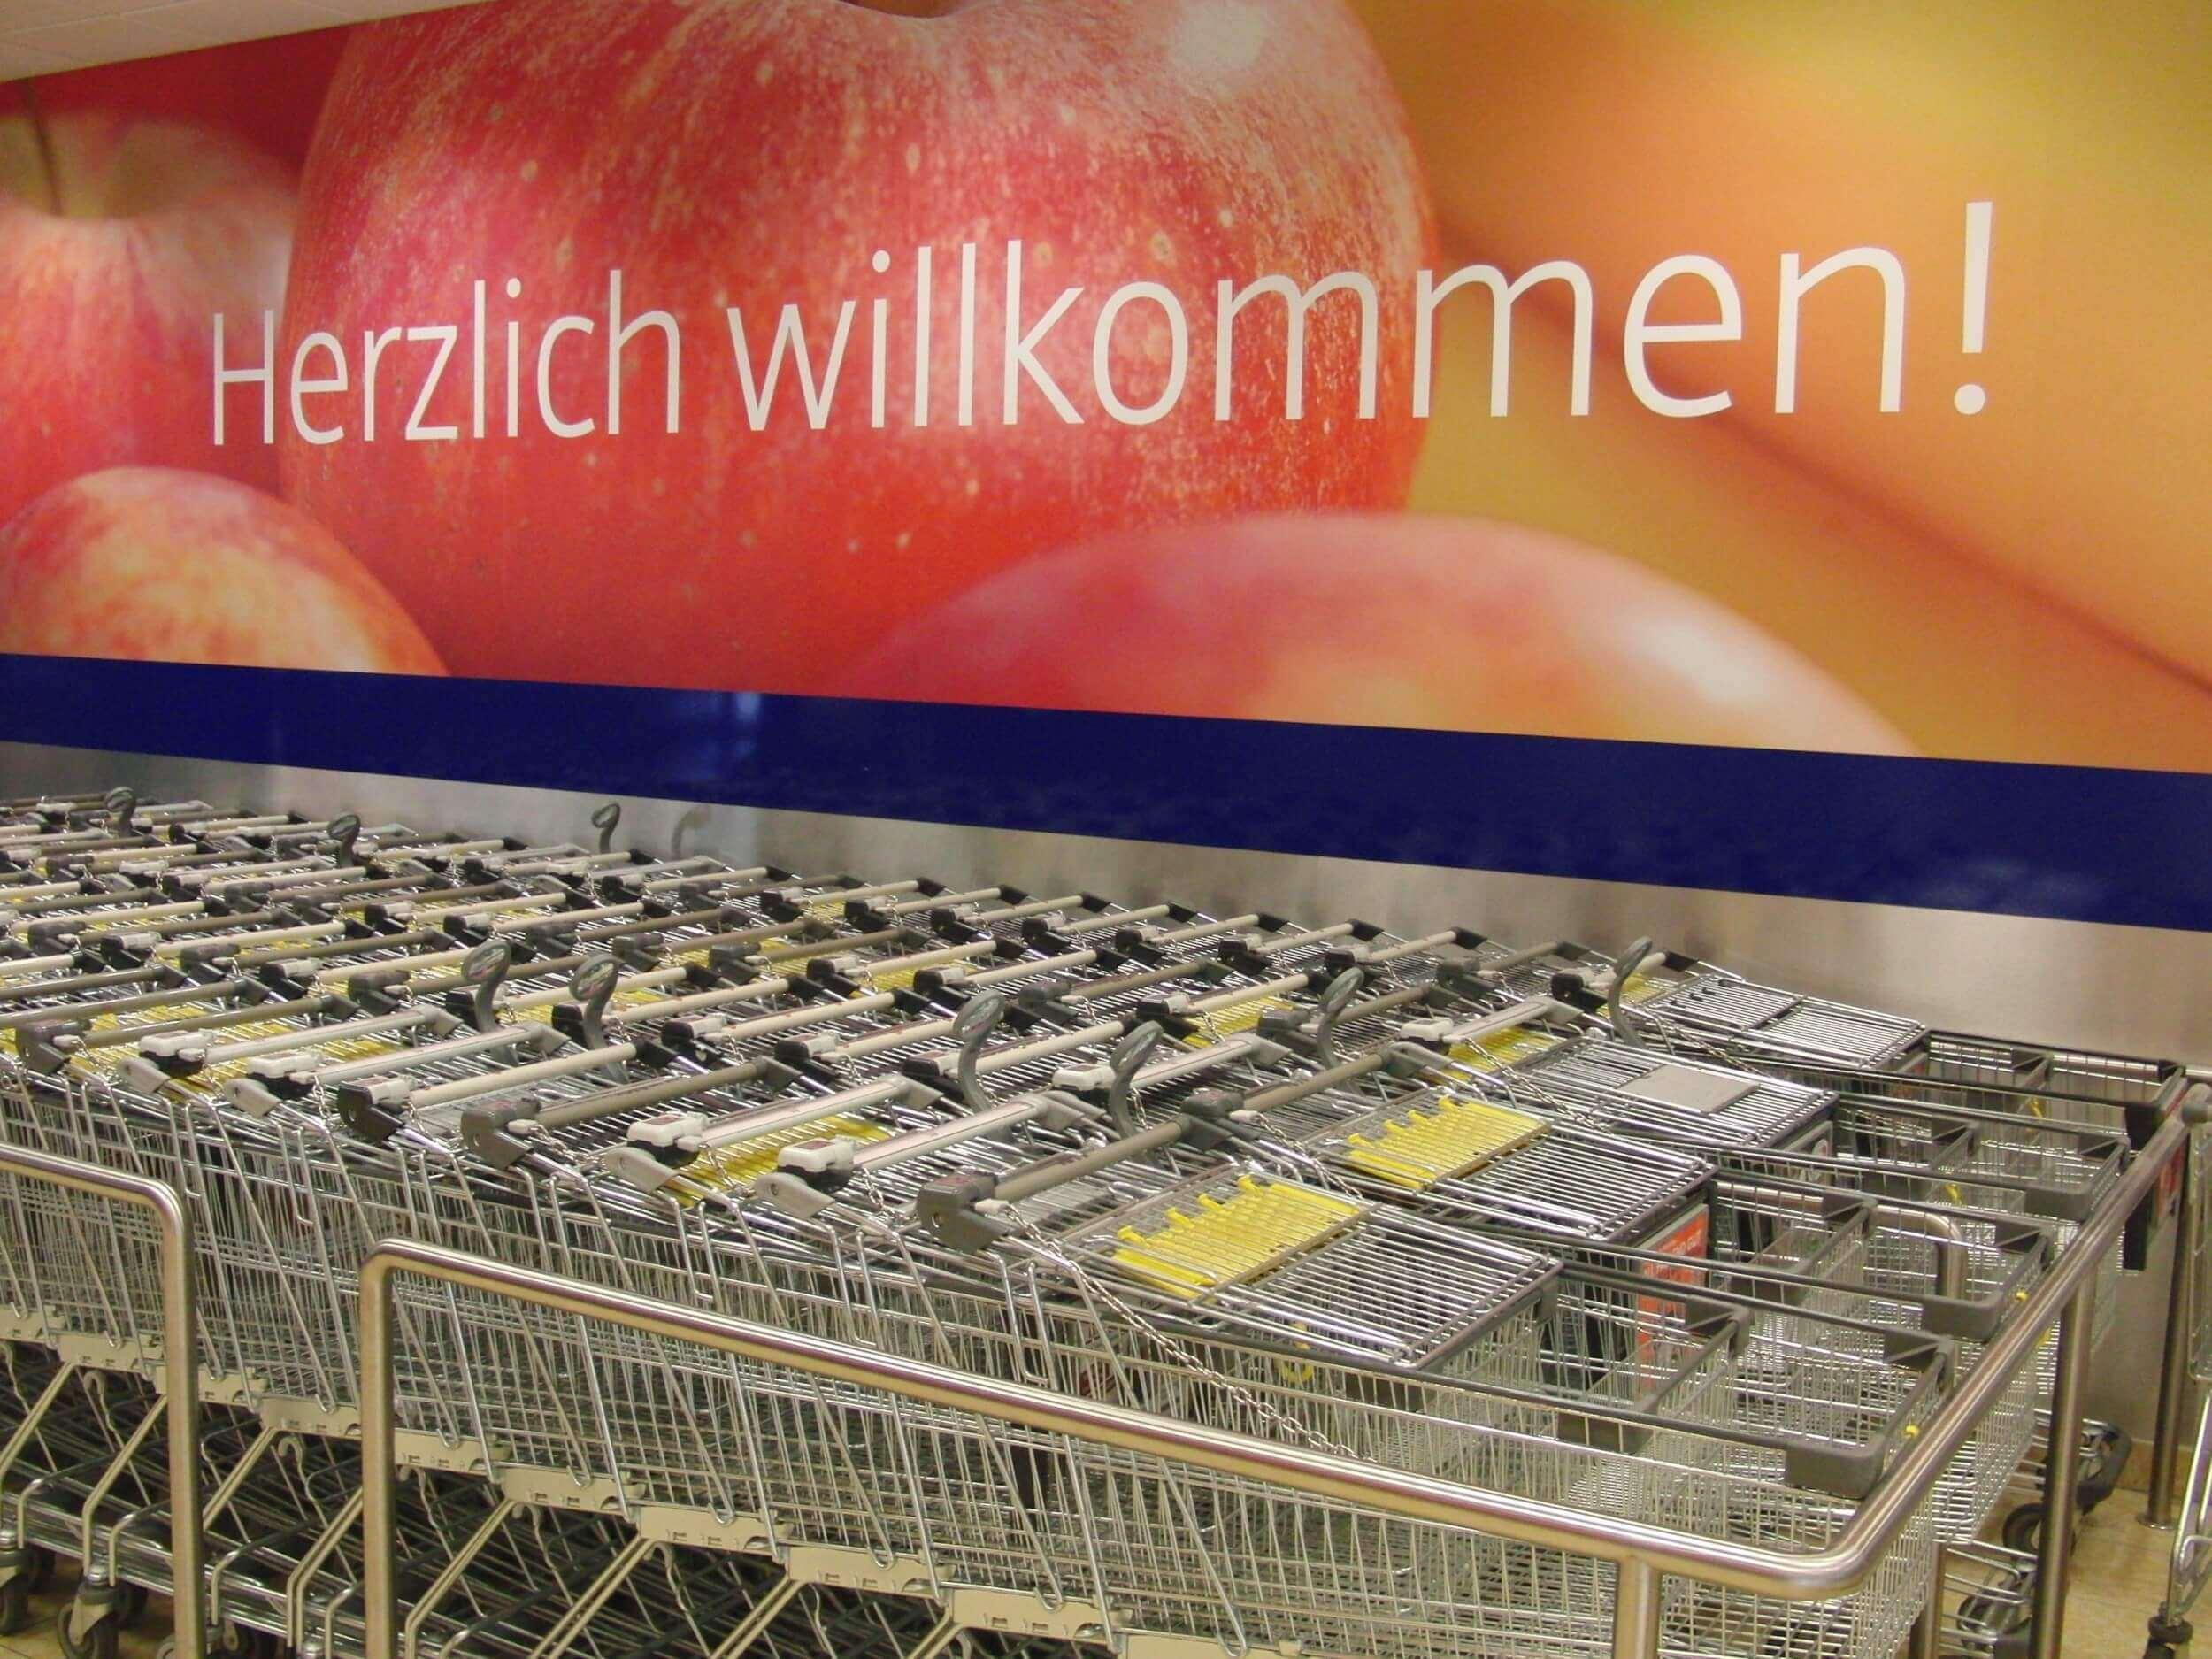 mit dem Einkaufswagen durch den Supermarkt (c) sirigel / pixabay.de